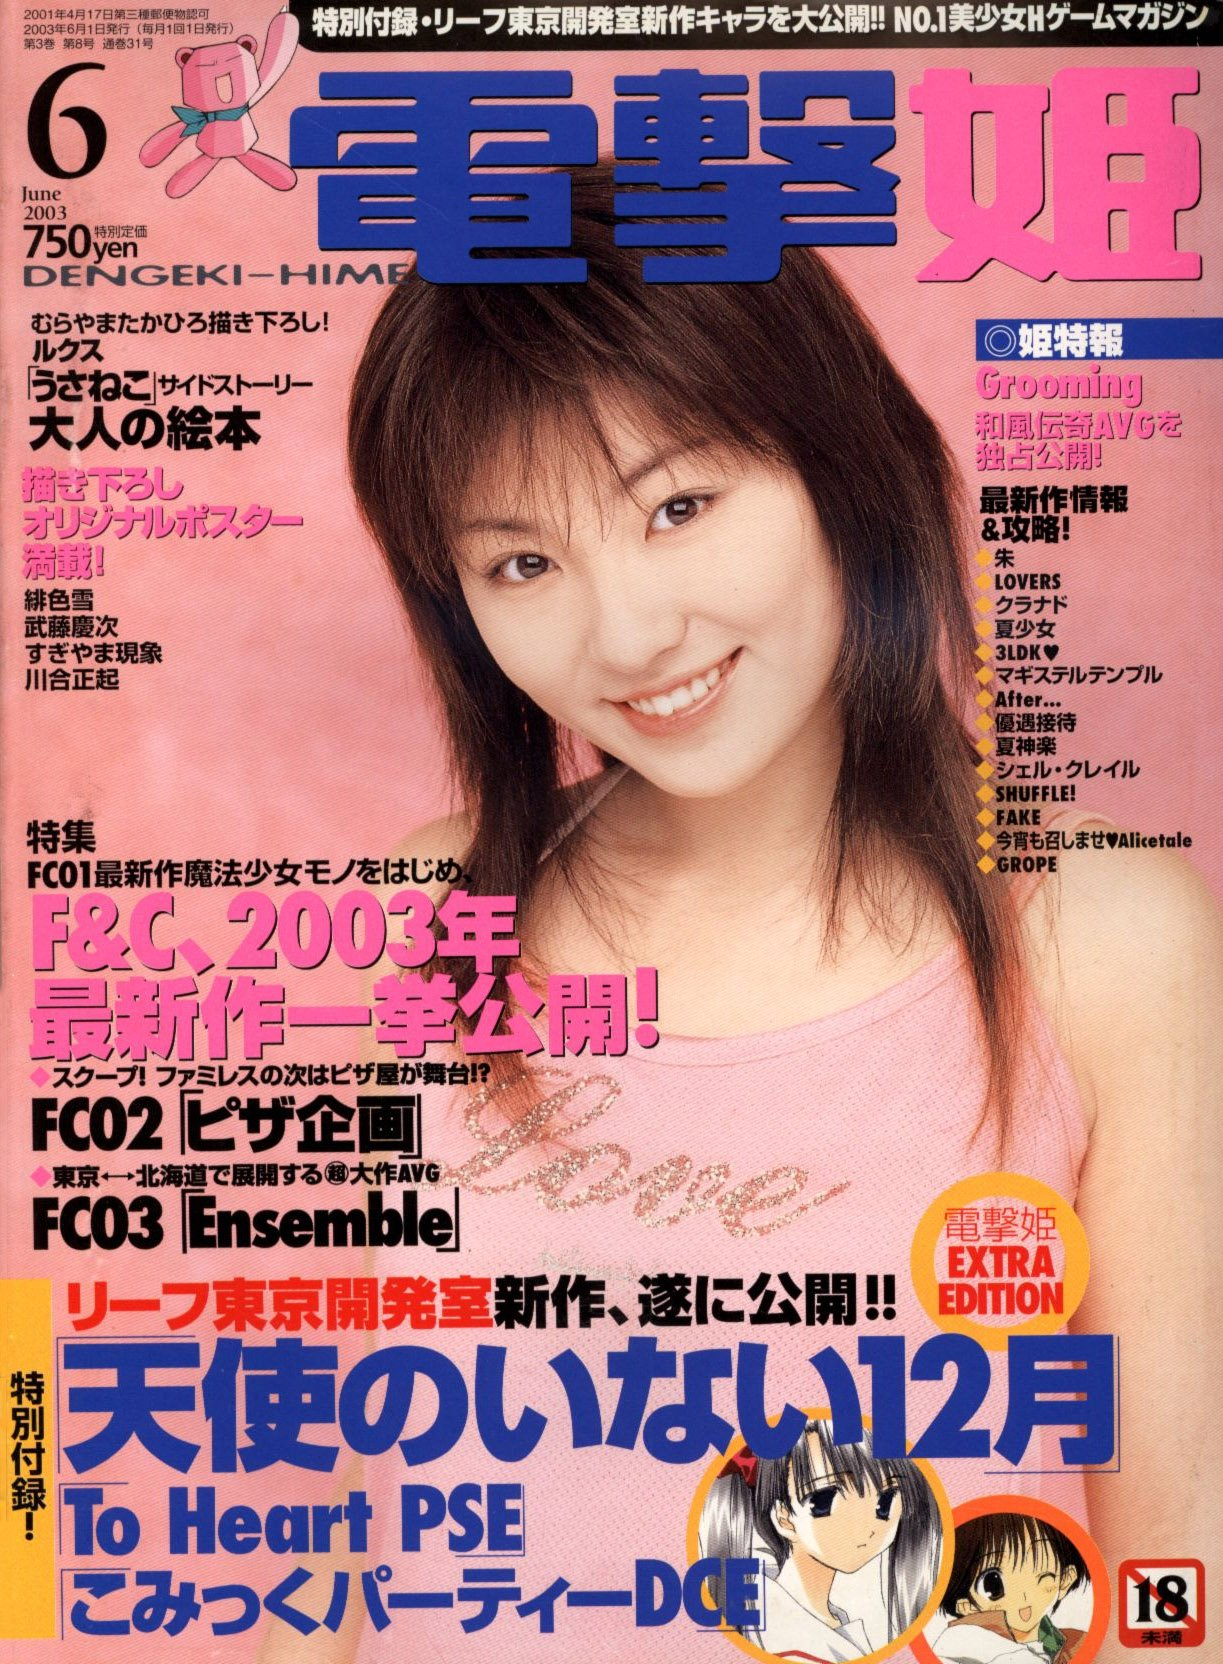 Dengeki Hime Issue 039 (June 2003)